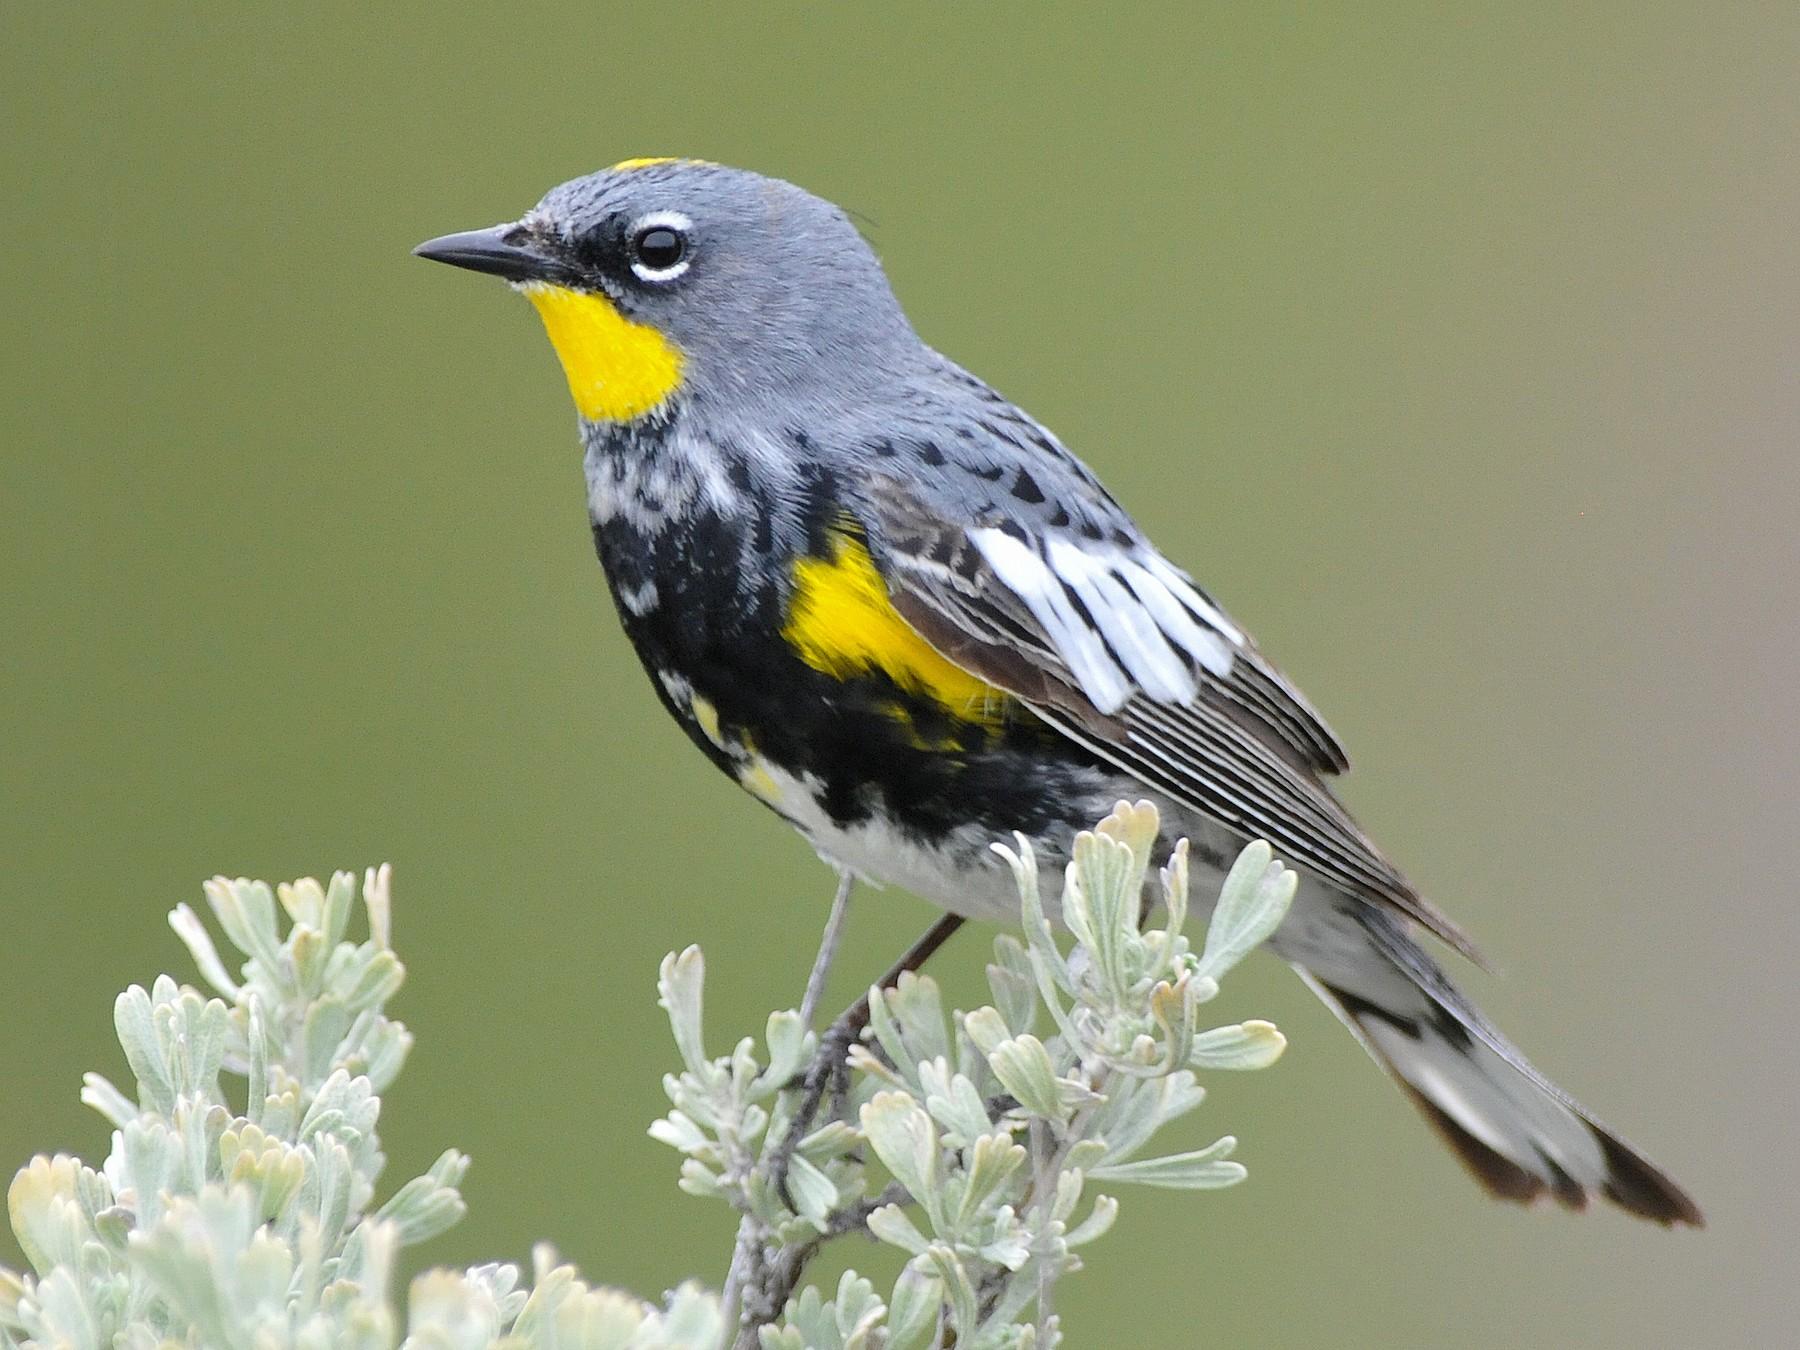 Yellow-rumped Warbler - Emily Turteltaub Nelson